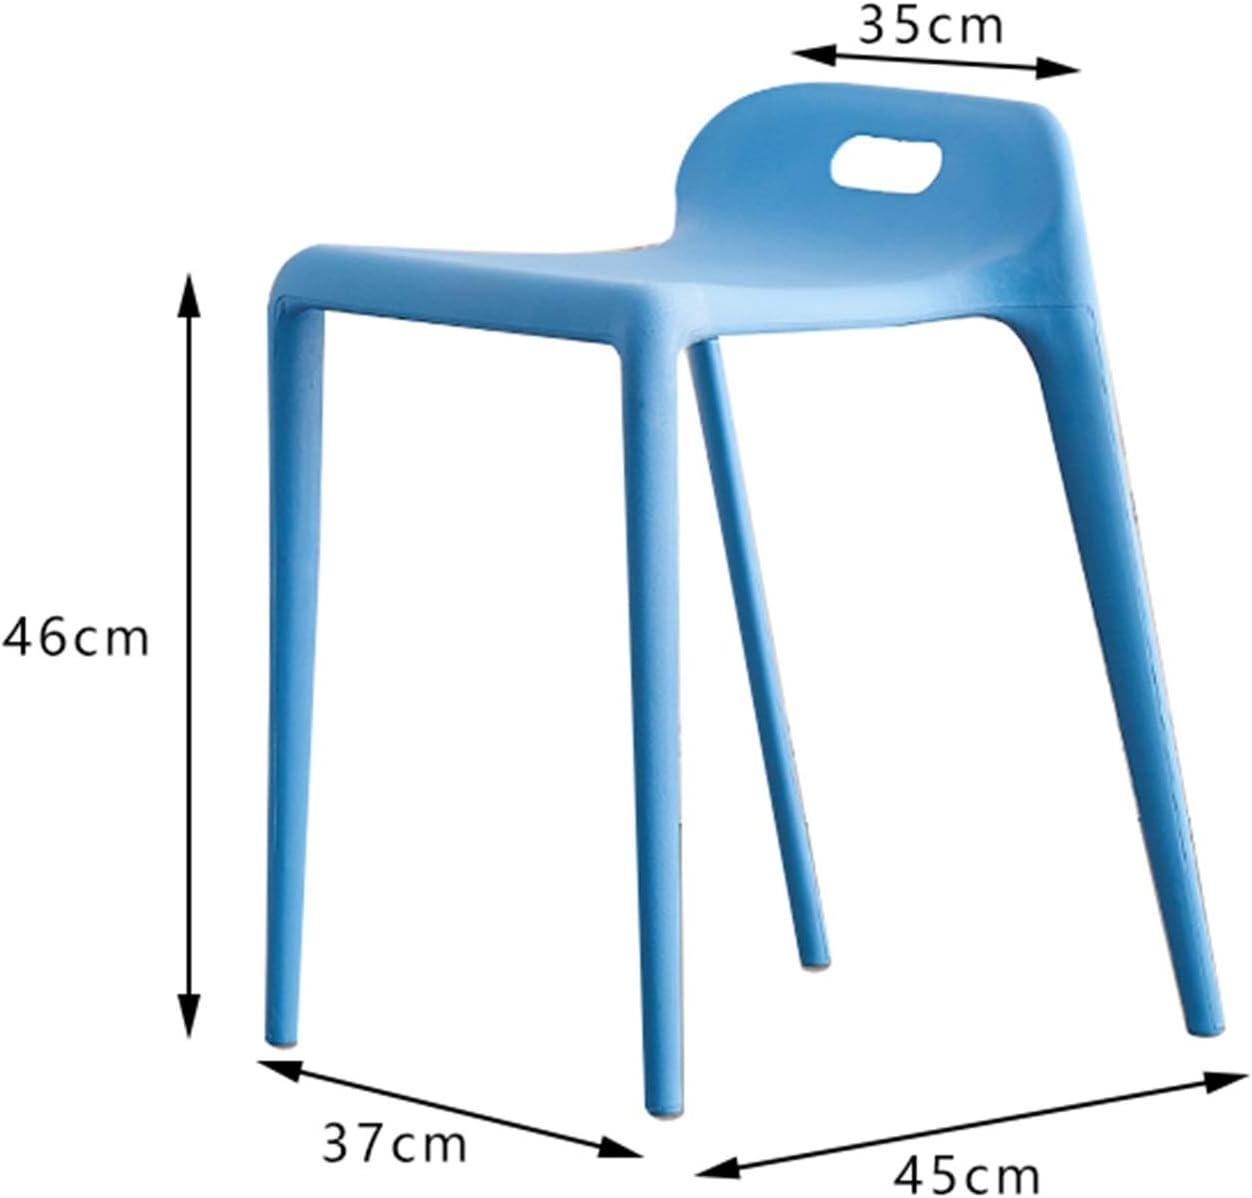 Yuansr Plastique Tabouret Maison épaissie Manger Salle à Manger Haut Tabouret Simple Table à Manger en Caoutchouc Banc à Quatre Pieds Salon Loisirs Chaise (Color : Red) Gray